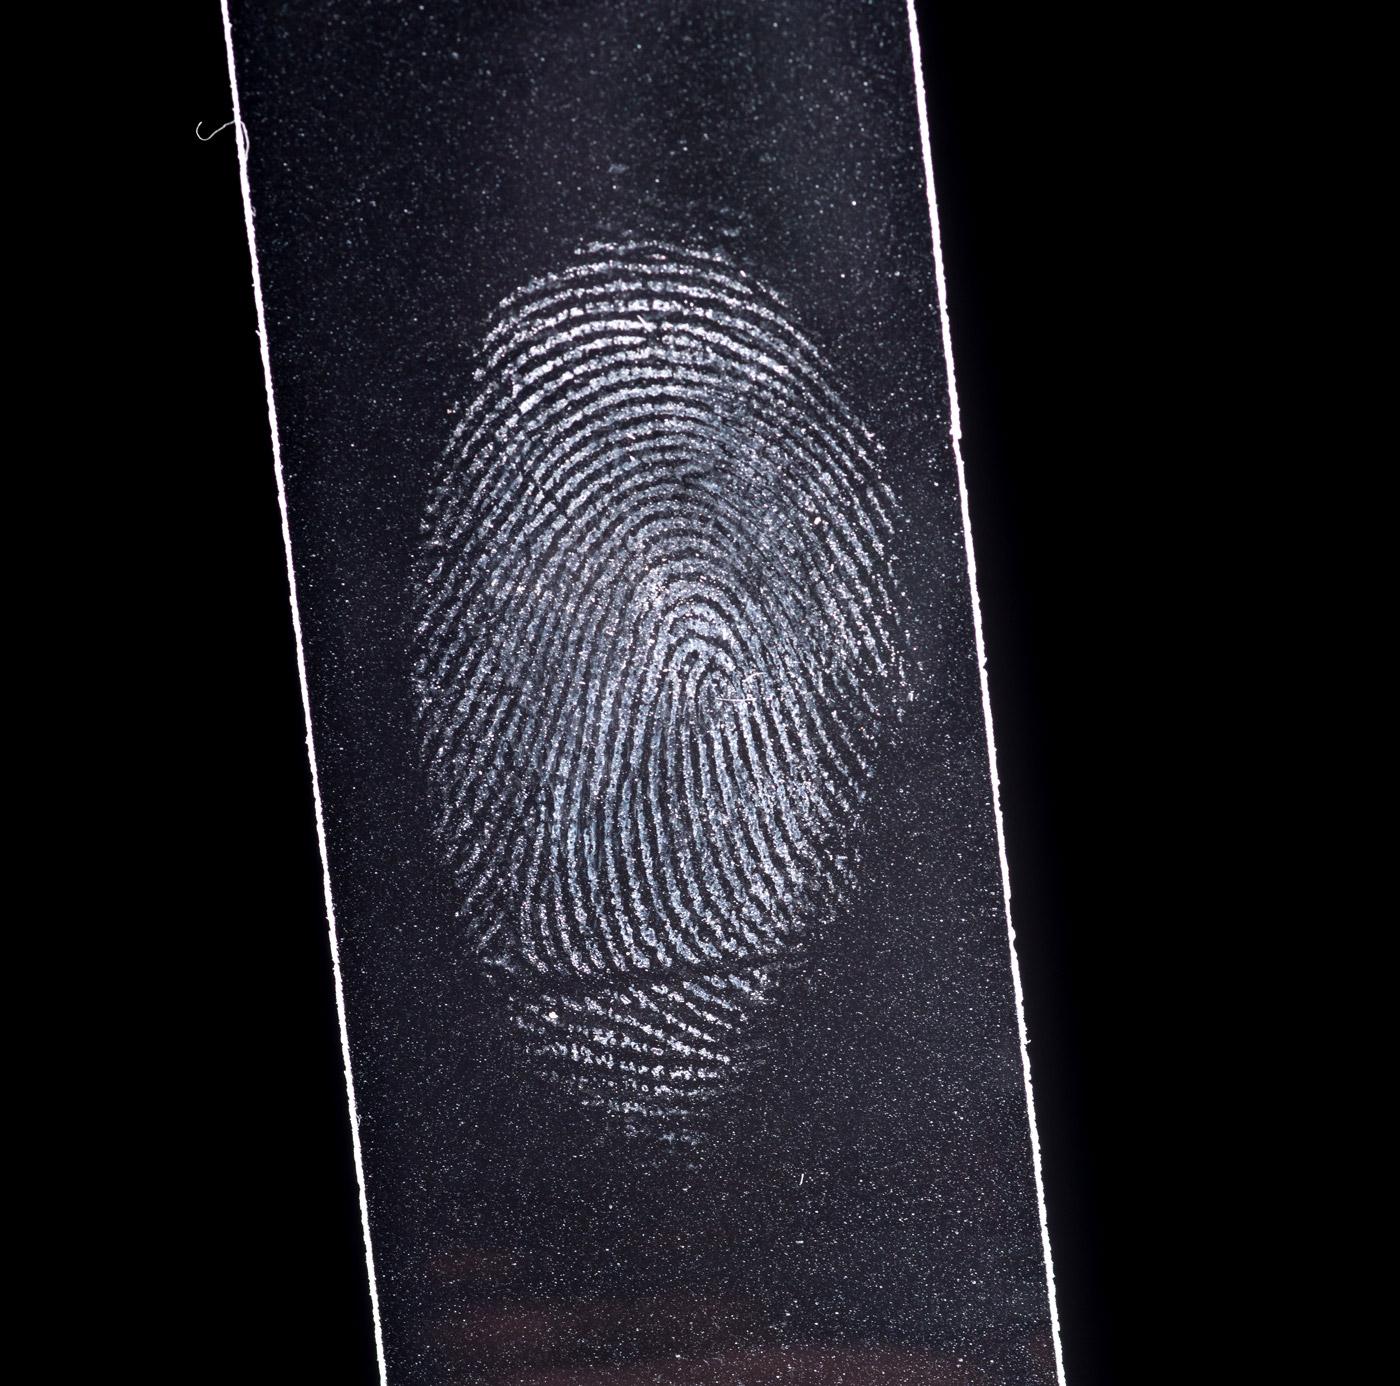 Fingerprint lifting investigations